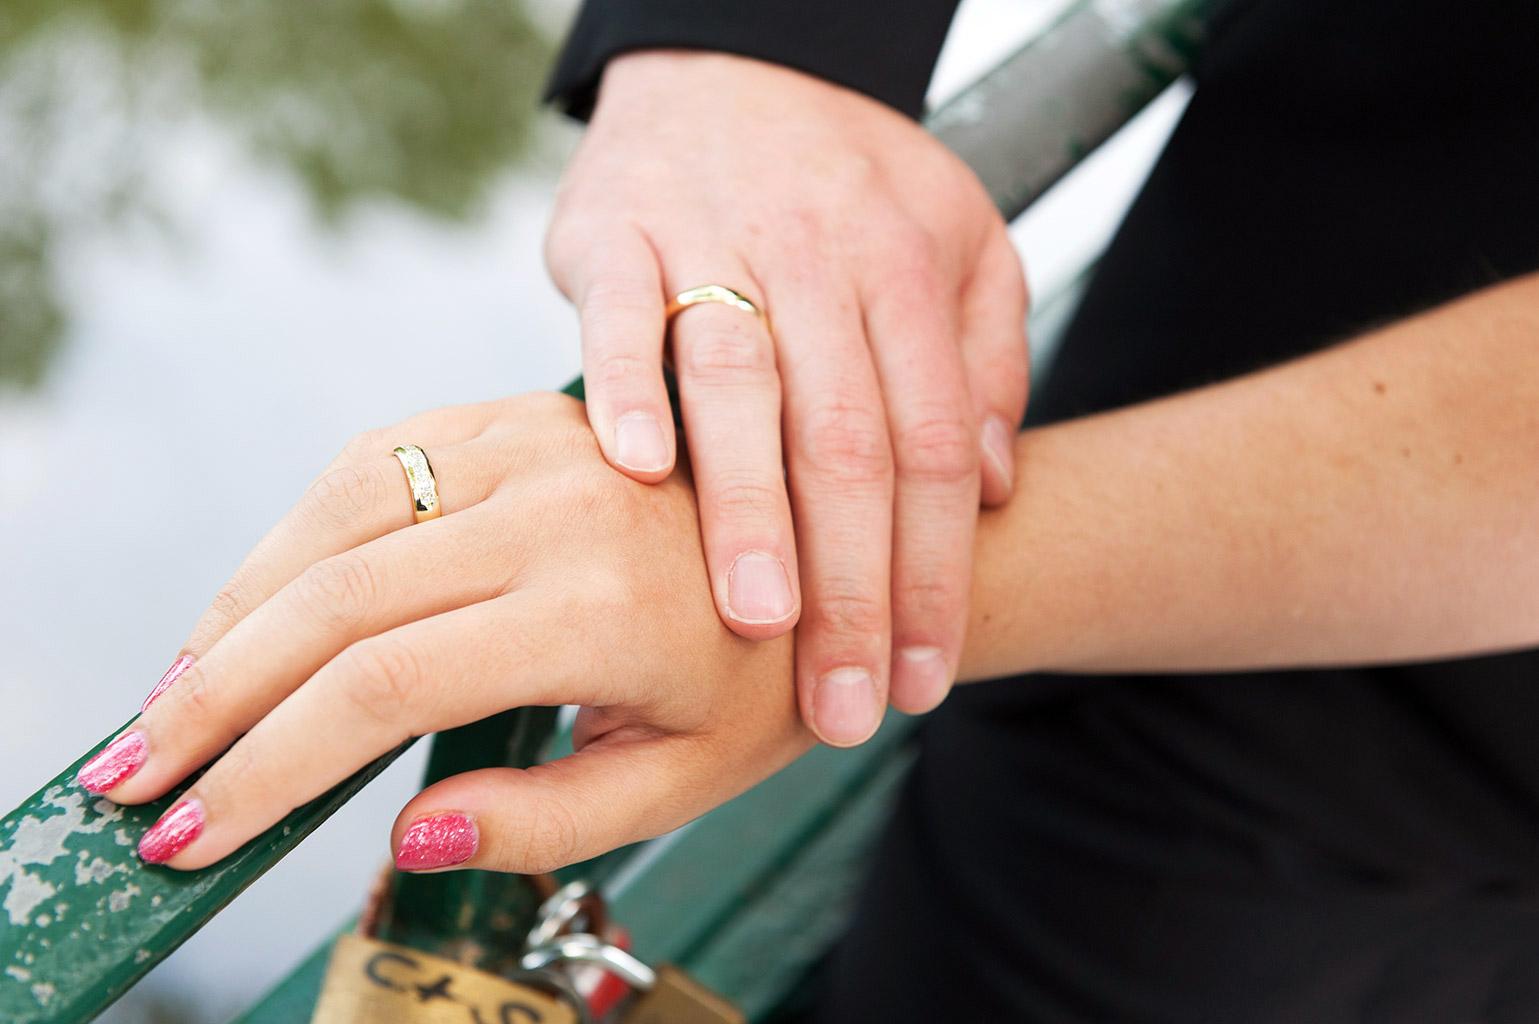 Hochzeitsfotografie Honeylight: Hochzeitsfotos von Händen mit Trauring